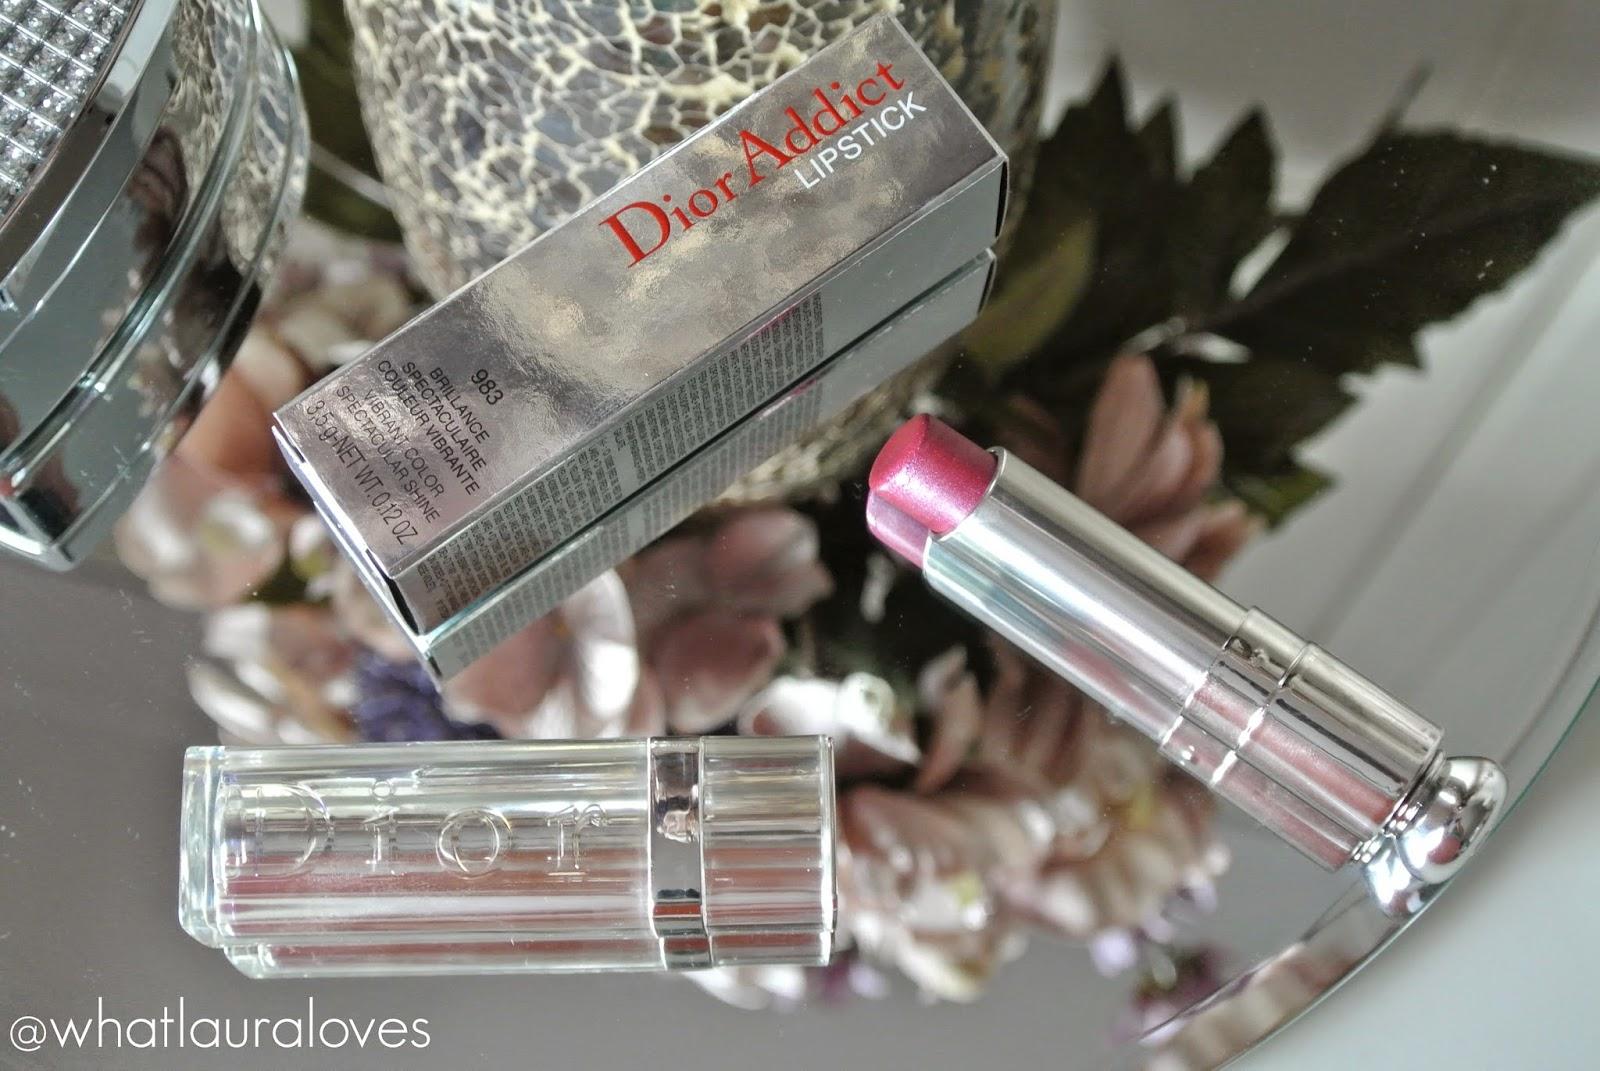 Dior Addict Lipstick in 983 Insoumise